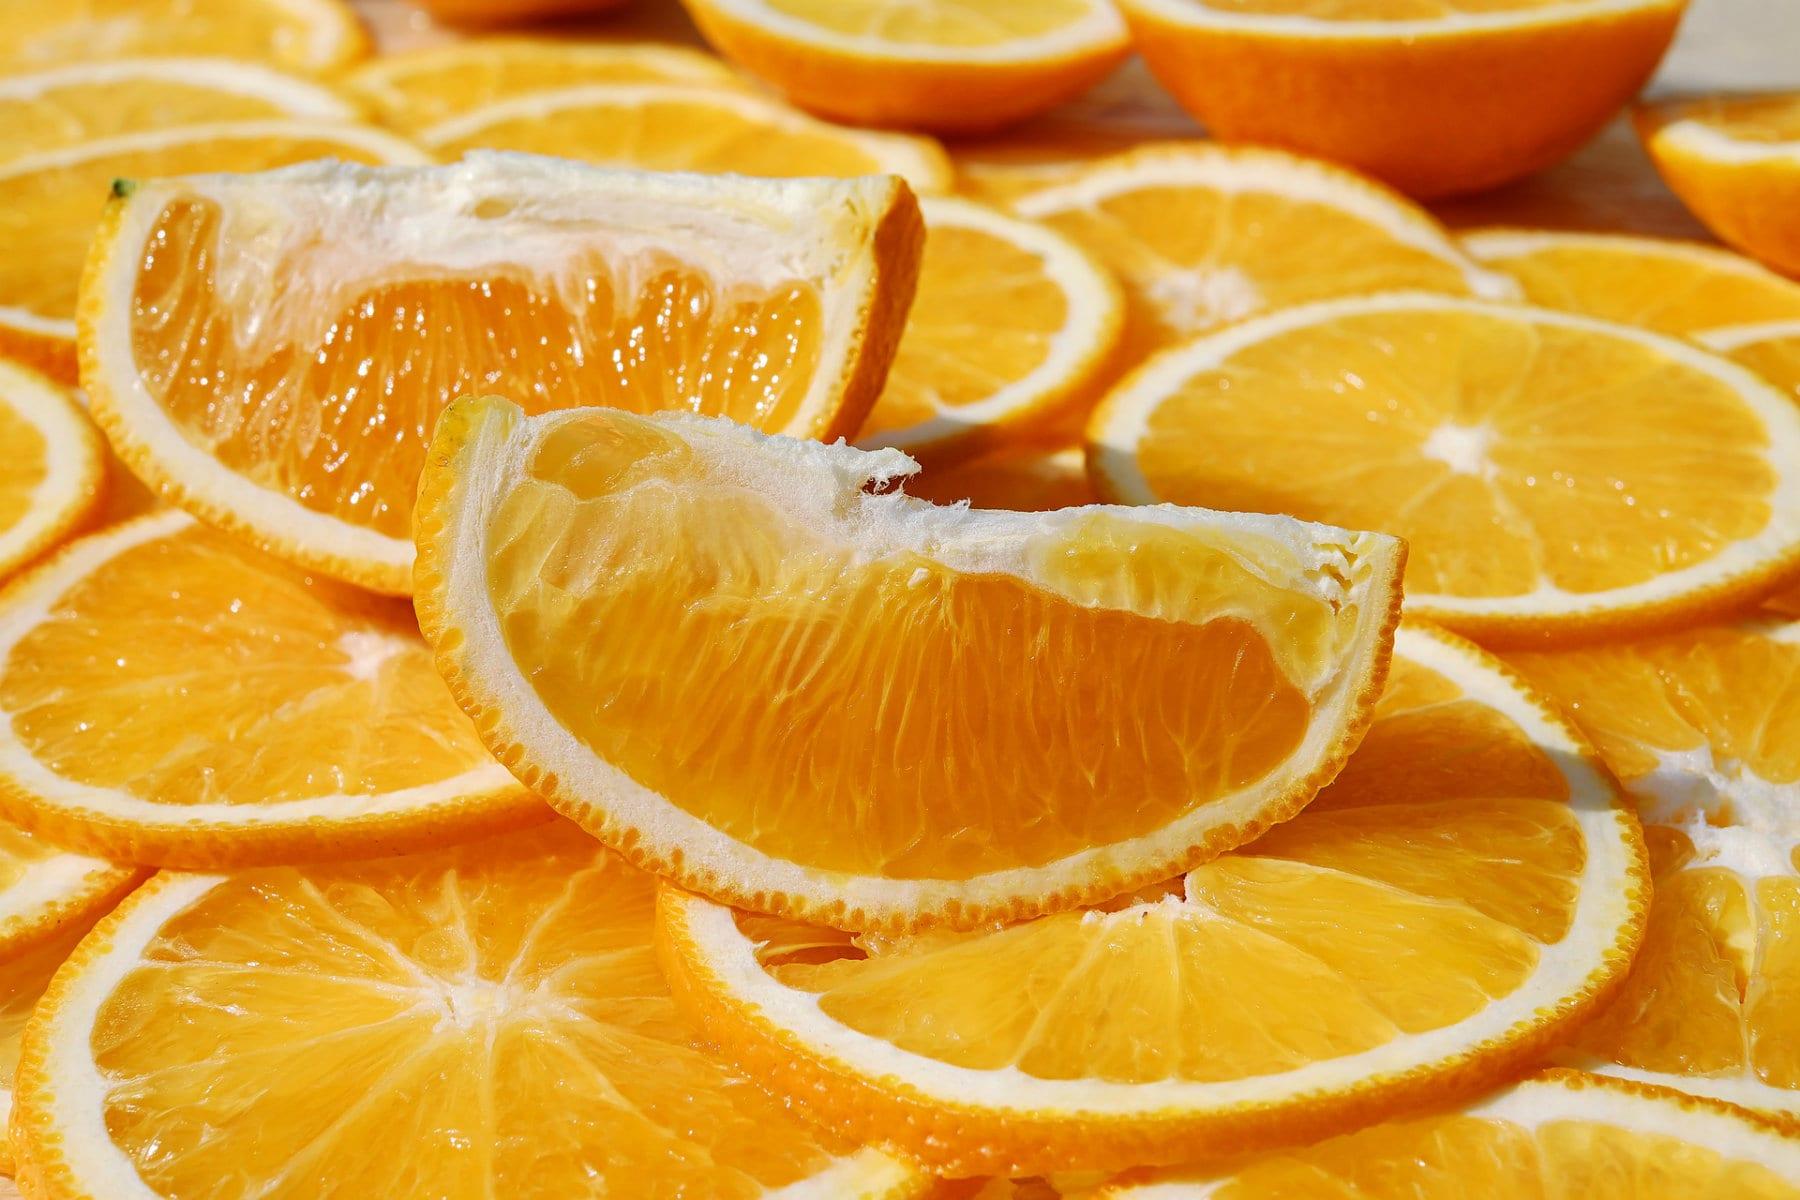 Vitamín C | Čo to vôbec je a aké má účinky? Aké sú symptómy deficitu? Vktorých potravinách ho nájdeme?